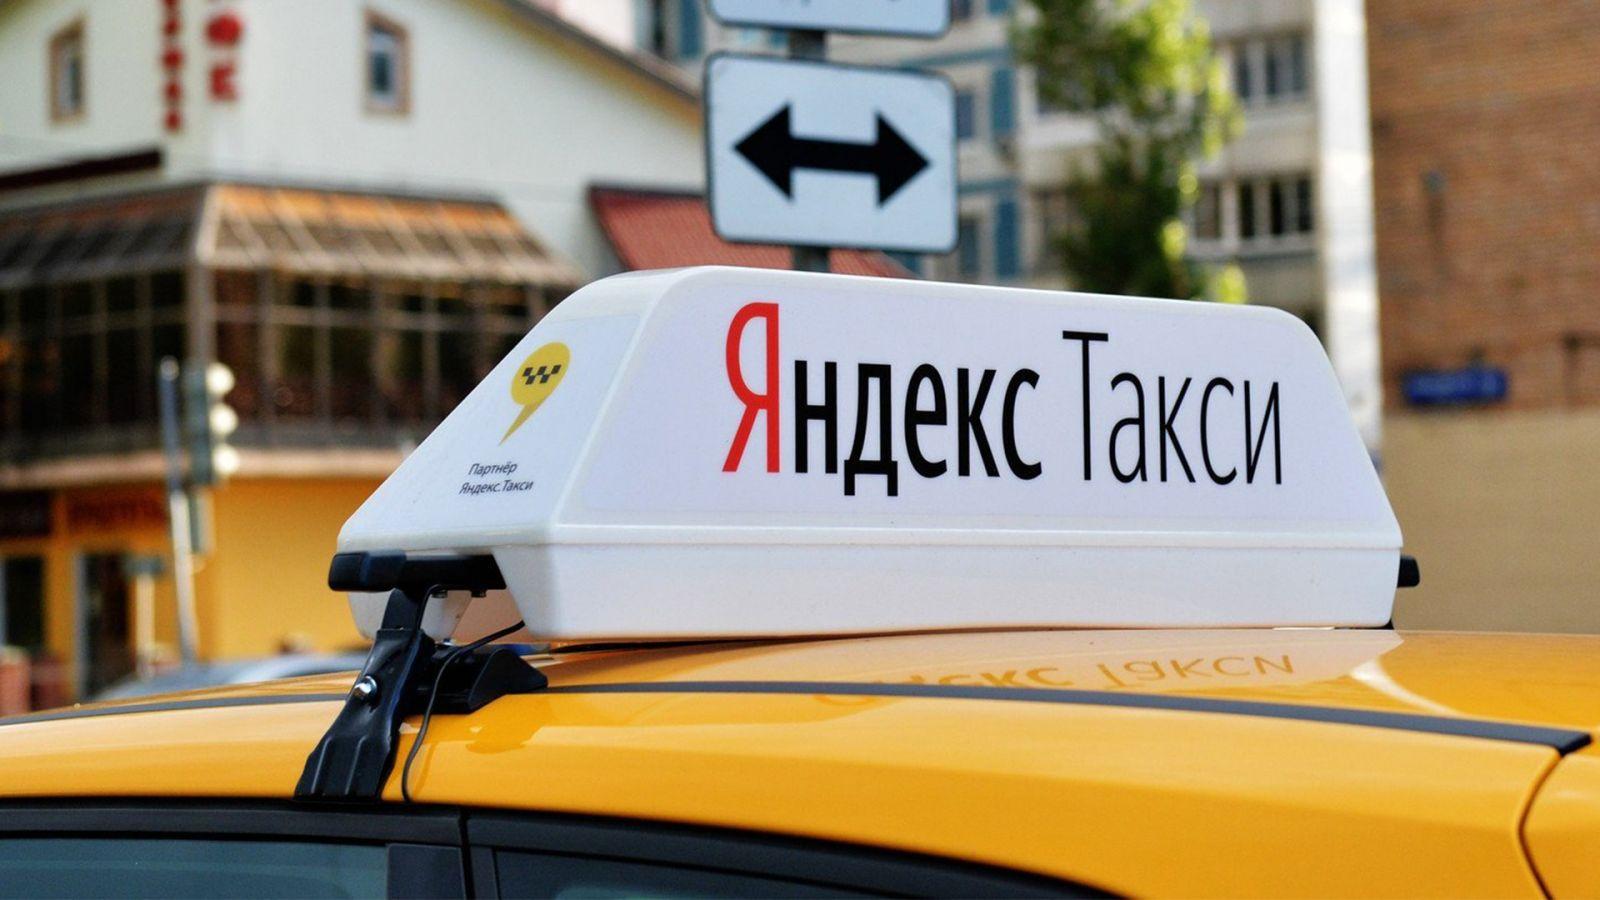 Яндекс такси IPO